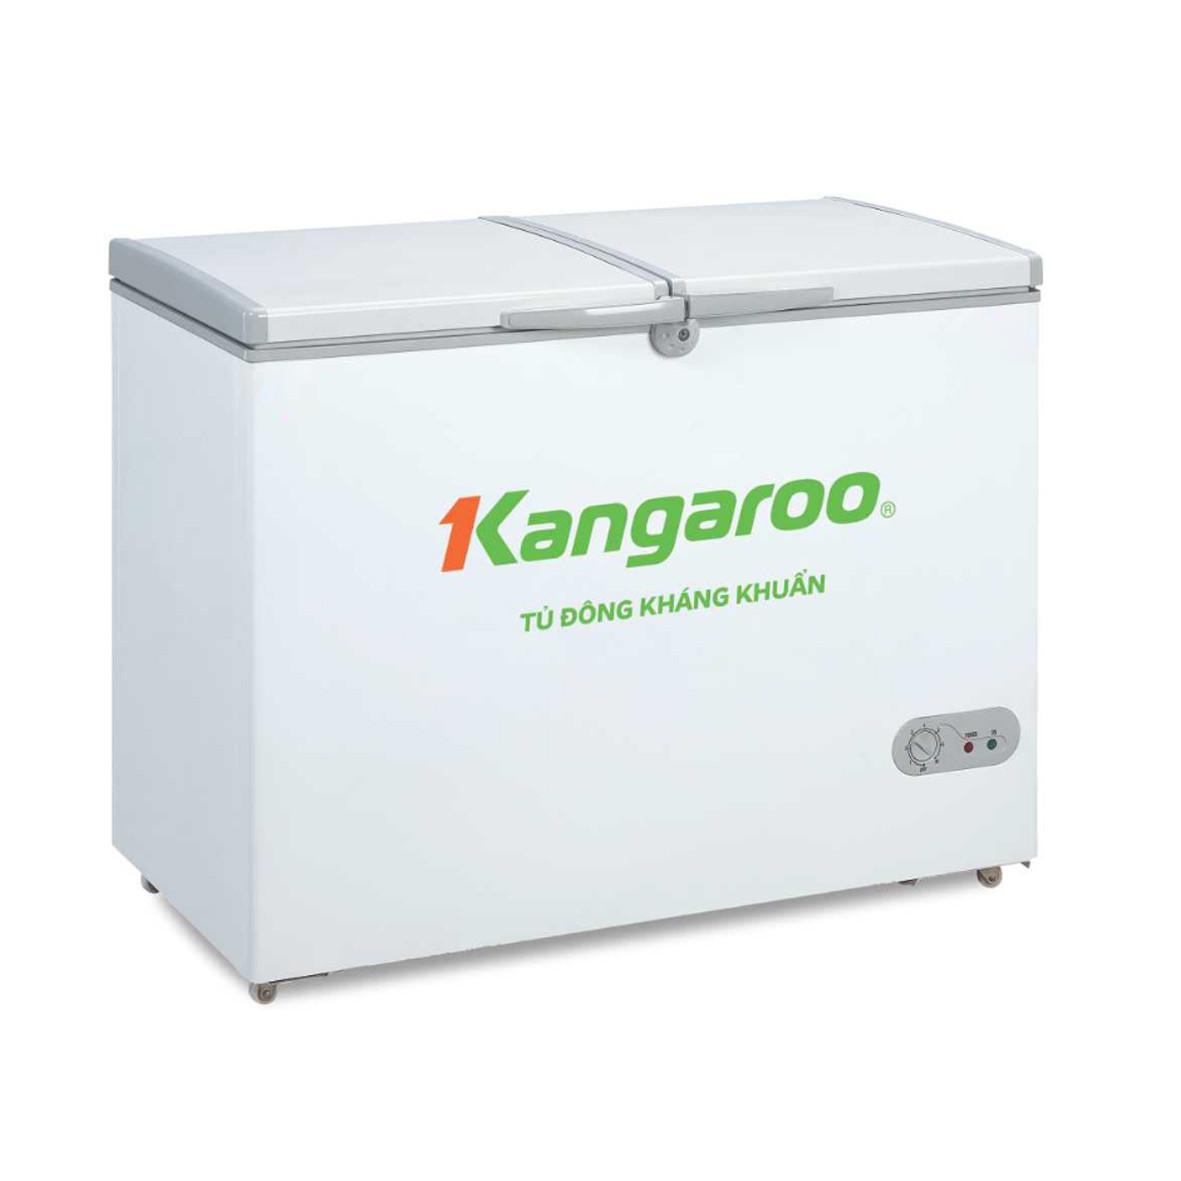 Tủ đông kháng khuẩn Kangaroo KG699C1 - Hàng chính hãng (Chỉ giao tại Hà Nội)